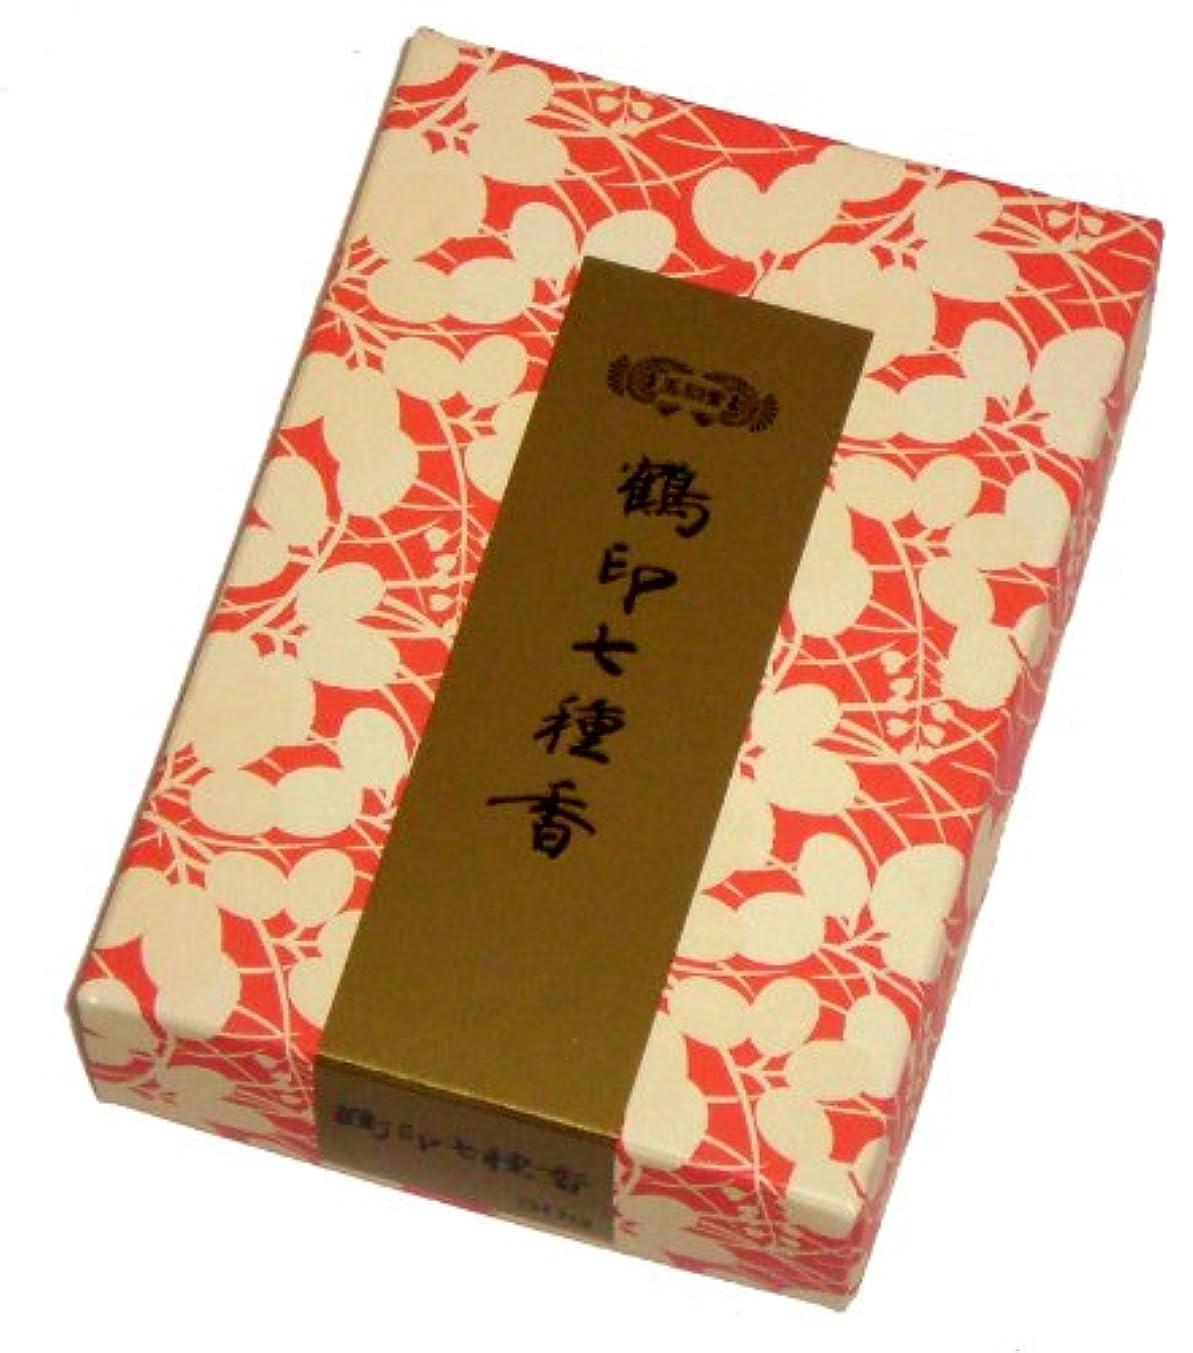 セメント大きなスケールで見ると折り目玉初堂のお香 鶴印七種香 30g #675